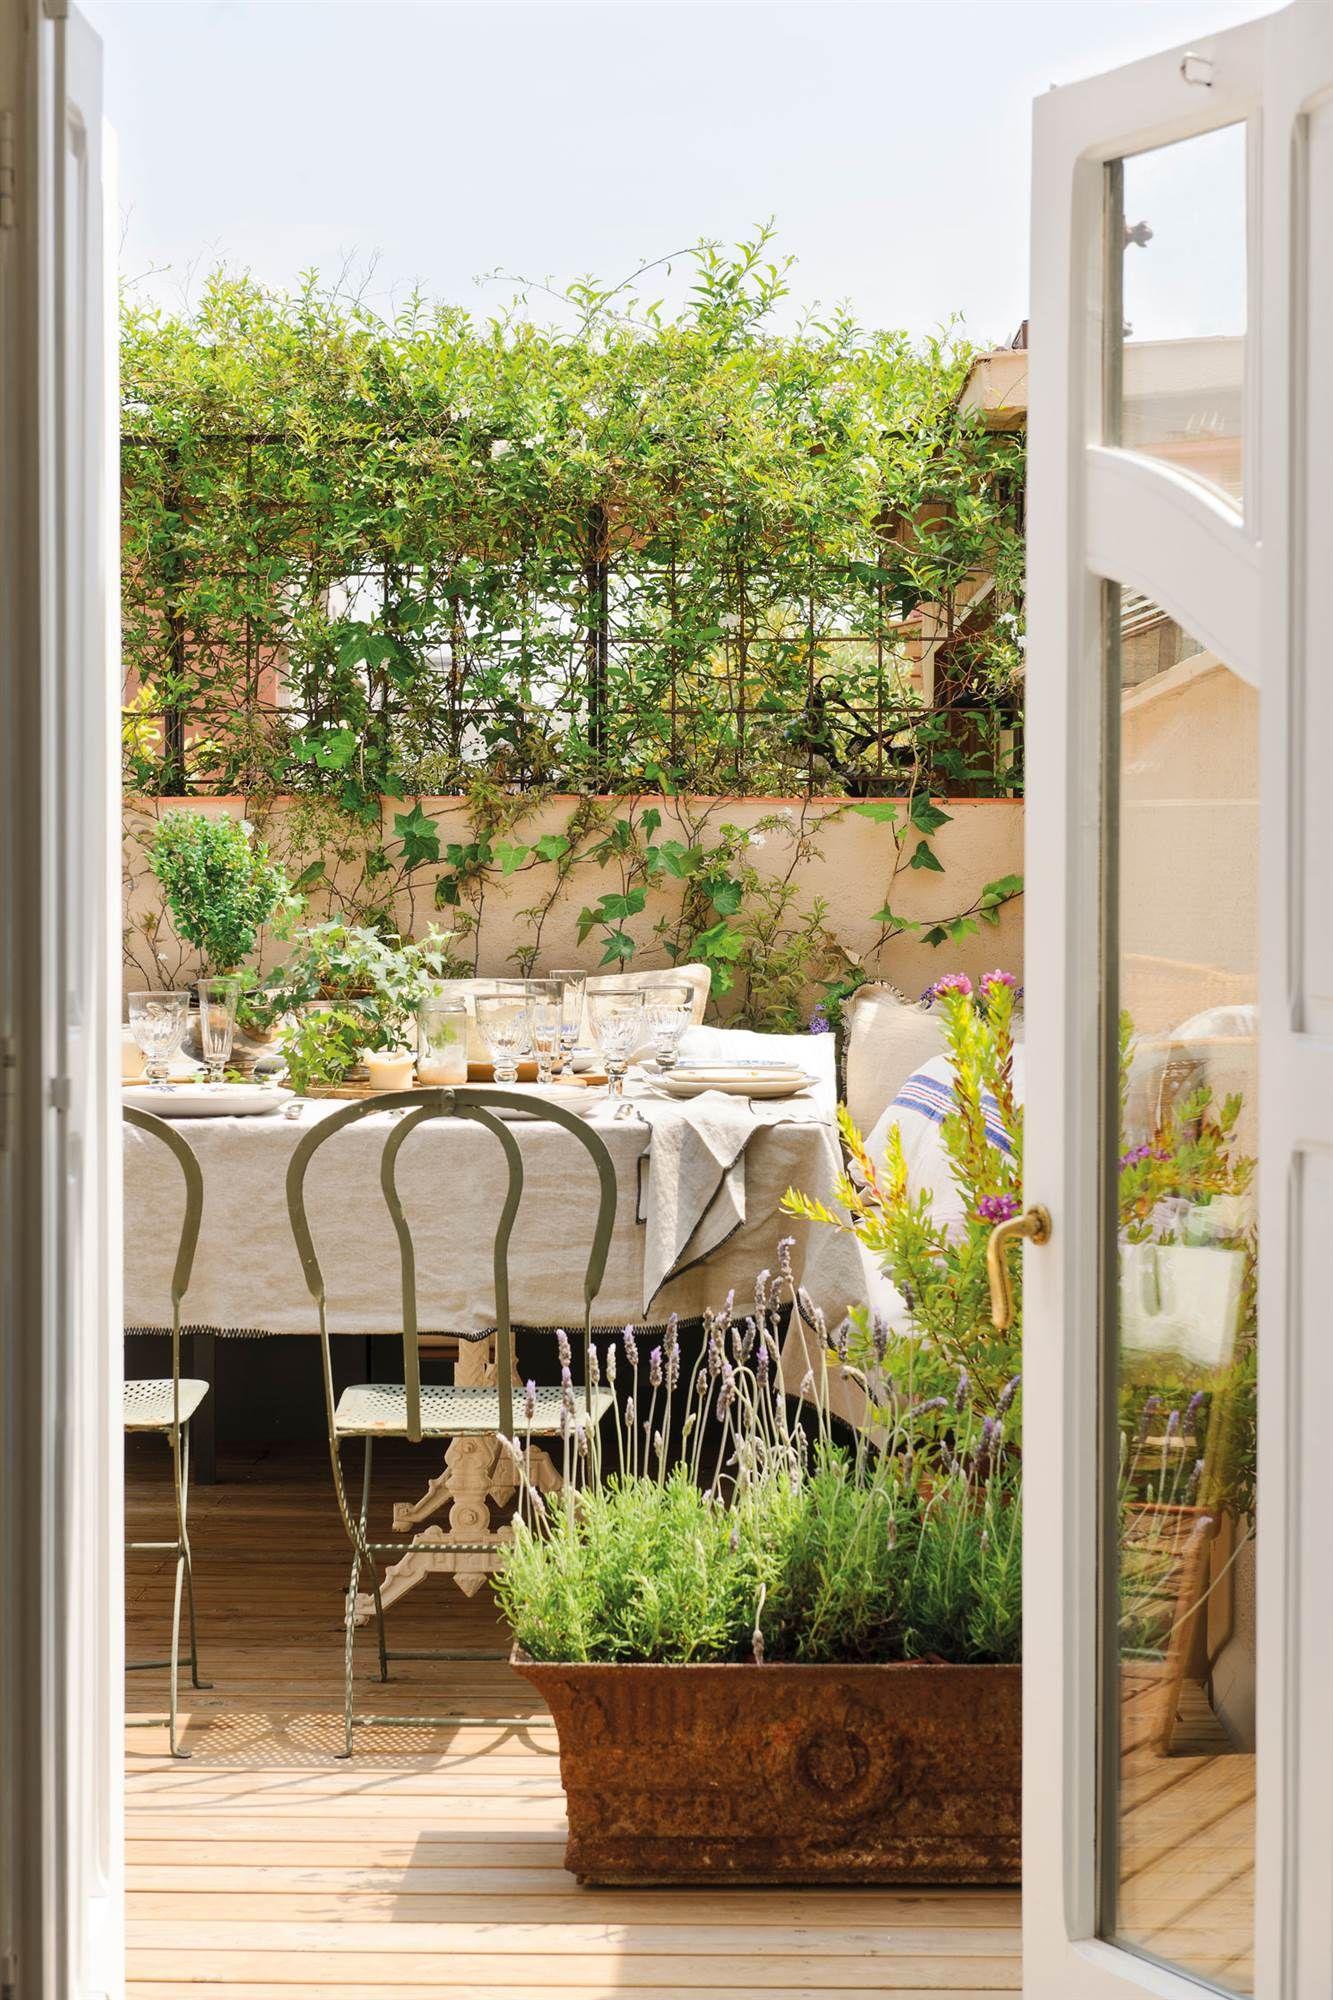 Comedor Exterior Con Muebles Metalicos Y Plantas 00464938 Picnic - Porches-metalicos